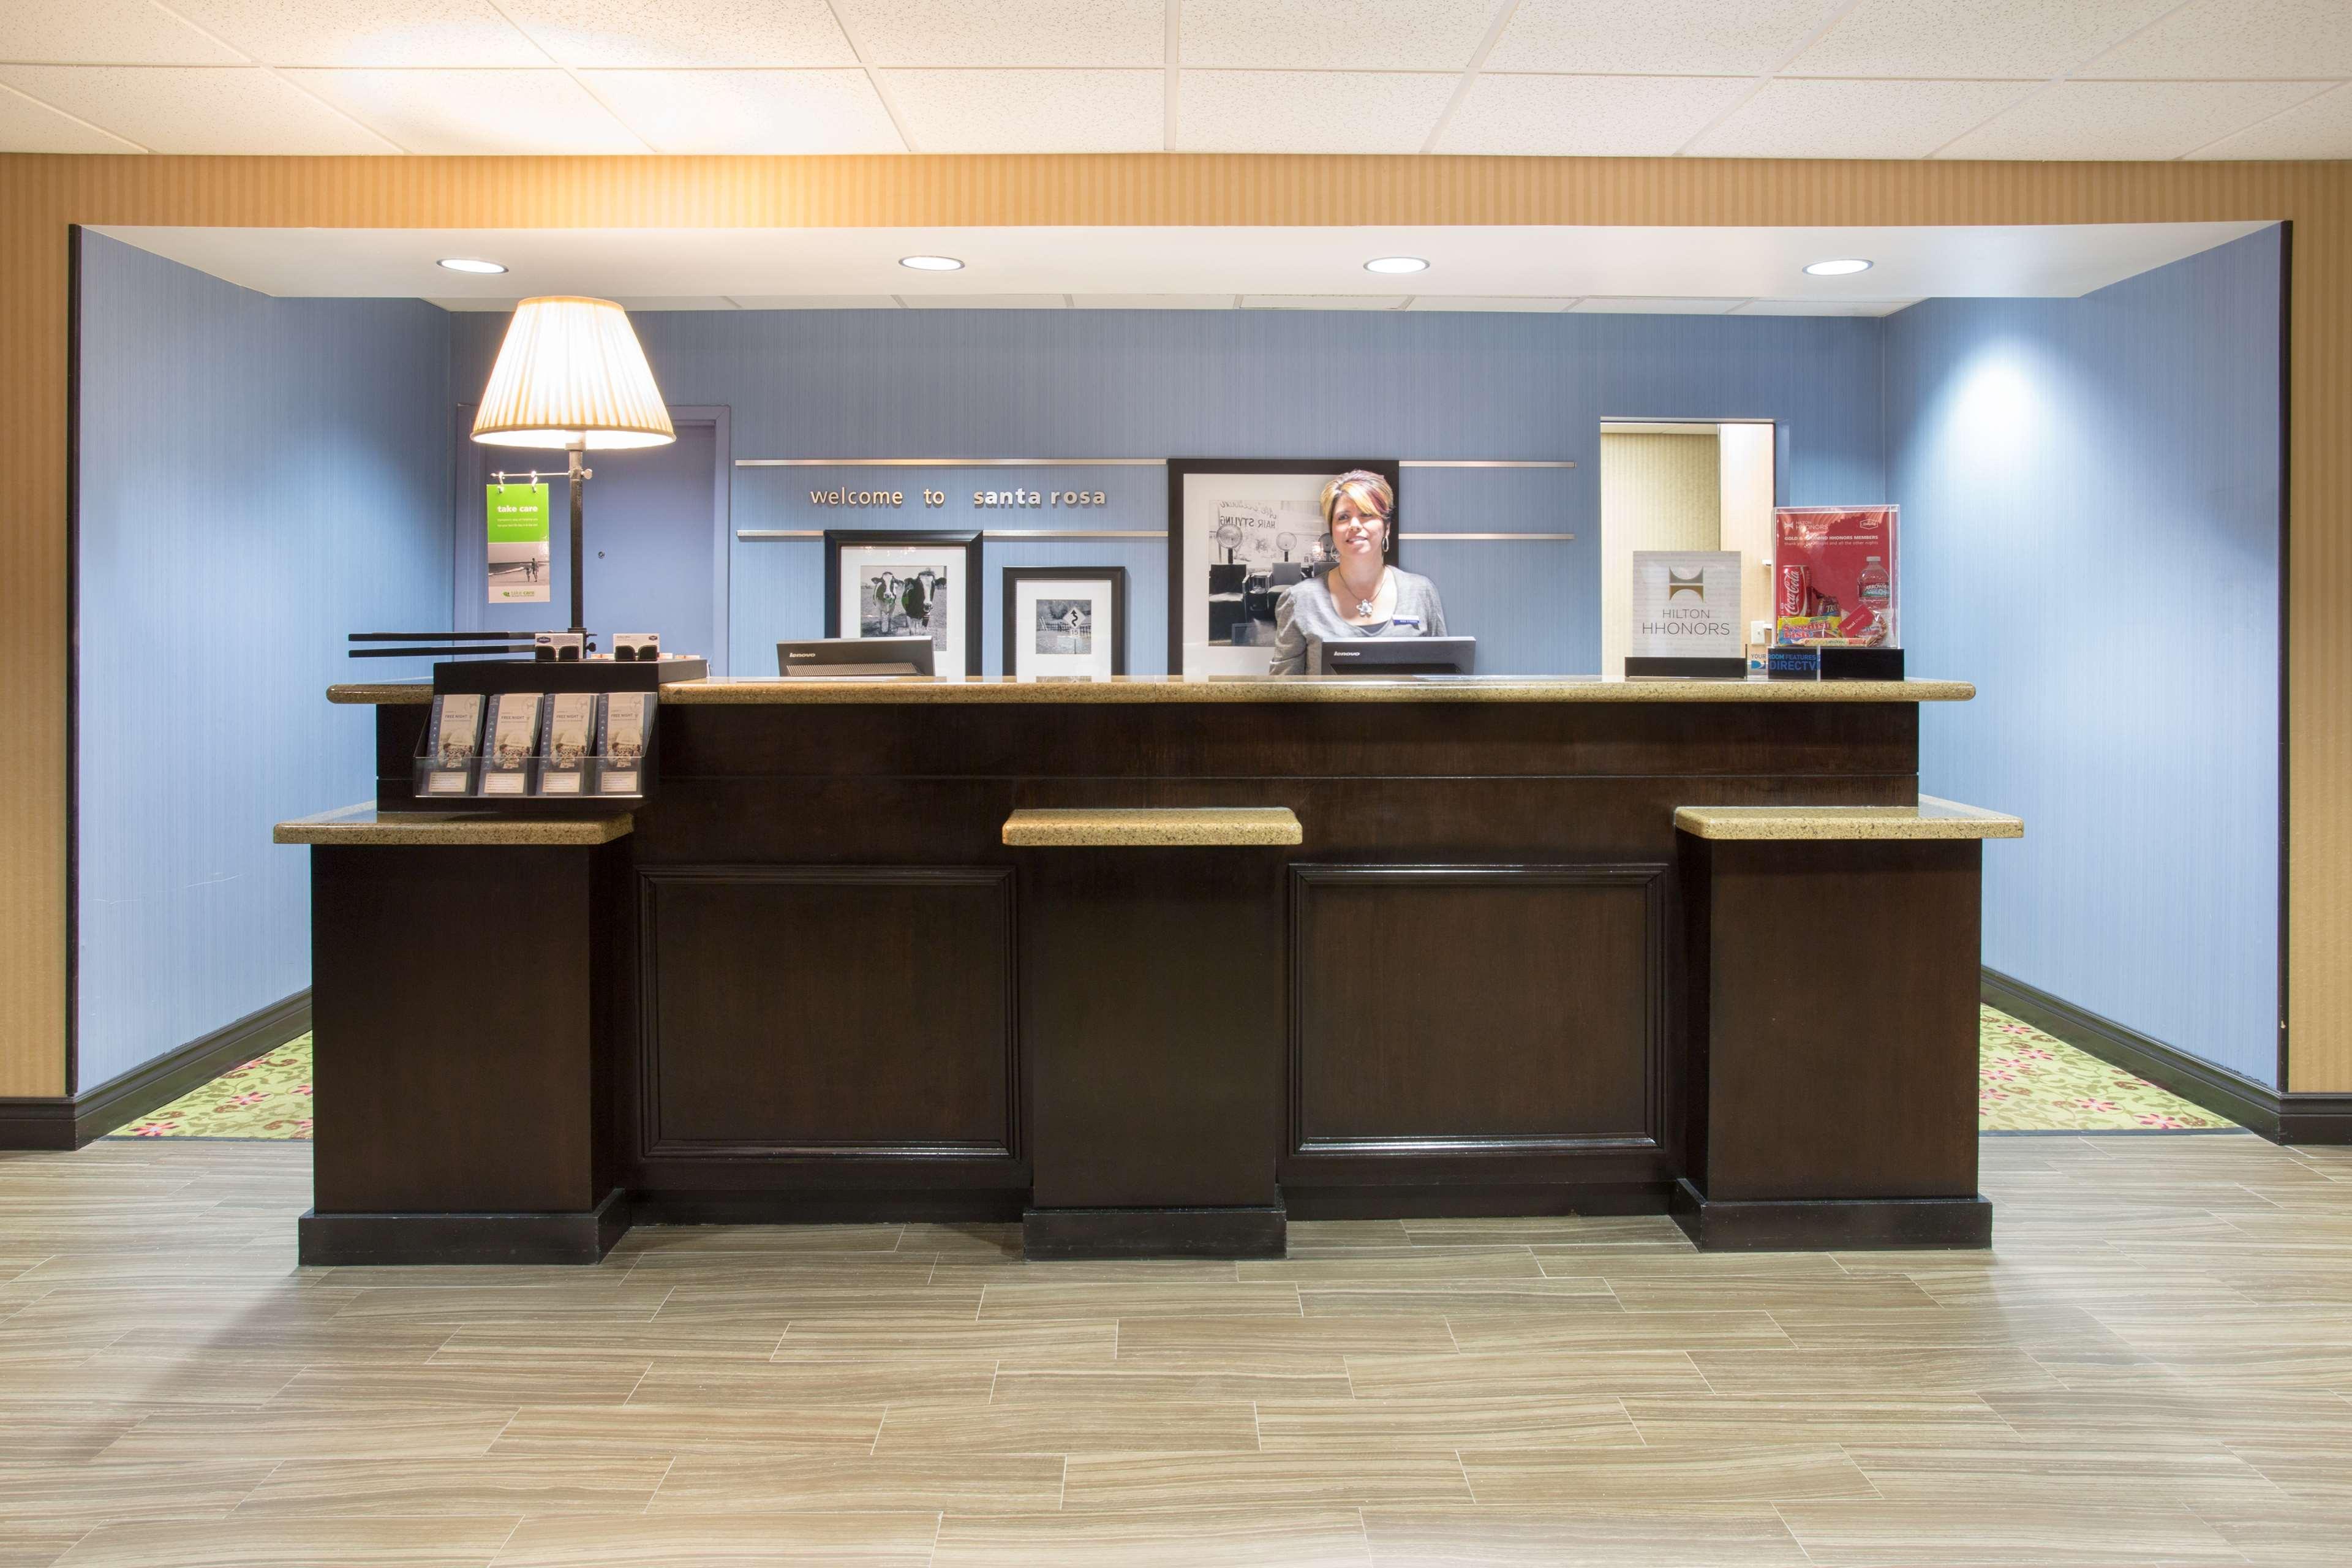 Hampton Inn Santa Rosa image 3